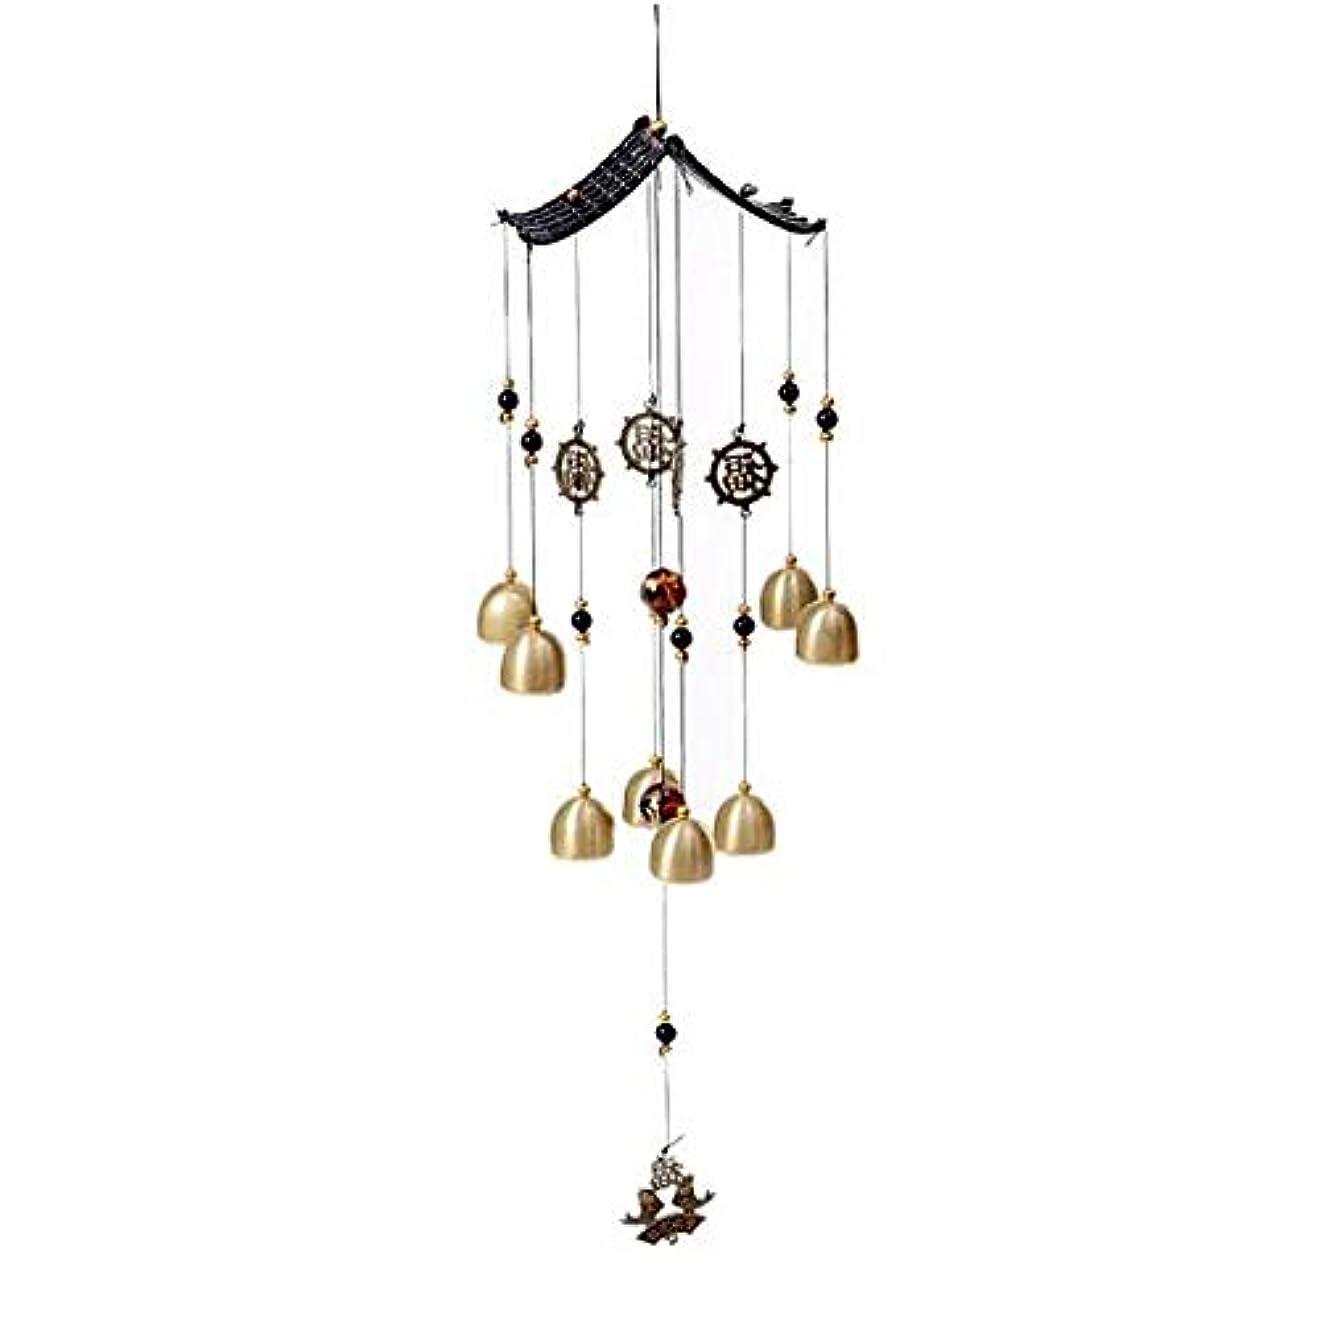 会う昇進彼らのものFengshangshanghang 風チャイム、金属銅鐘ホームデコレーション、ブラック、サイズ62 * 13CM,家の装飾 (Color : Black-B)